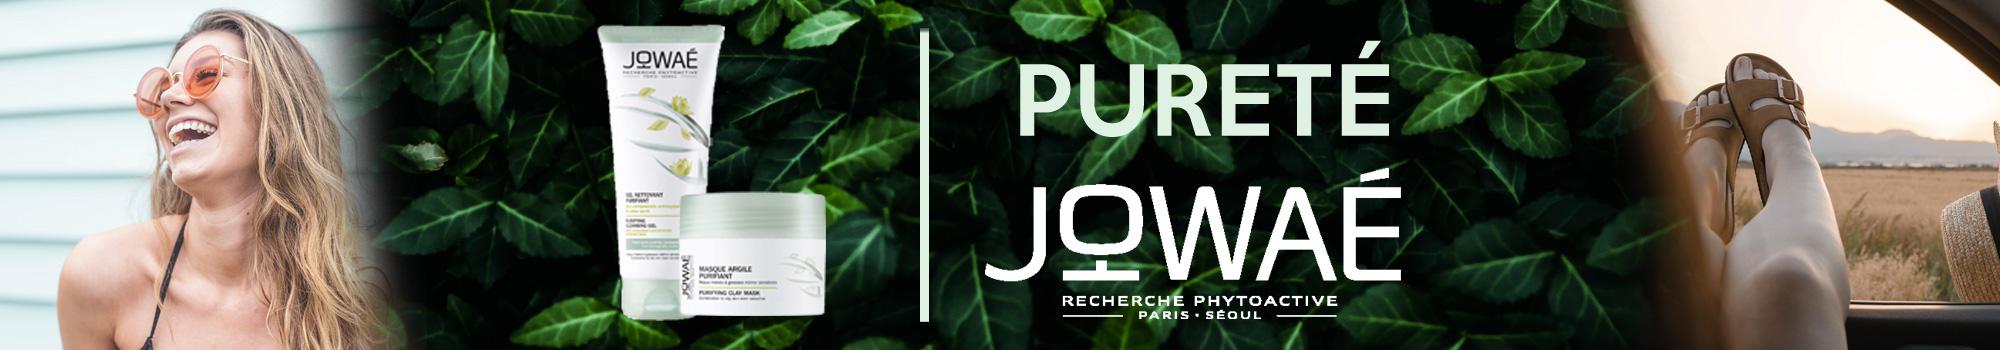 Jowaé Pureté